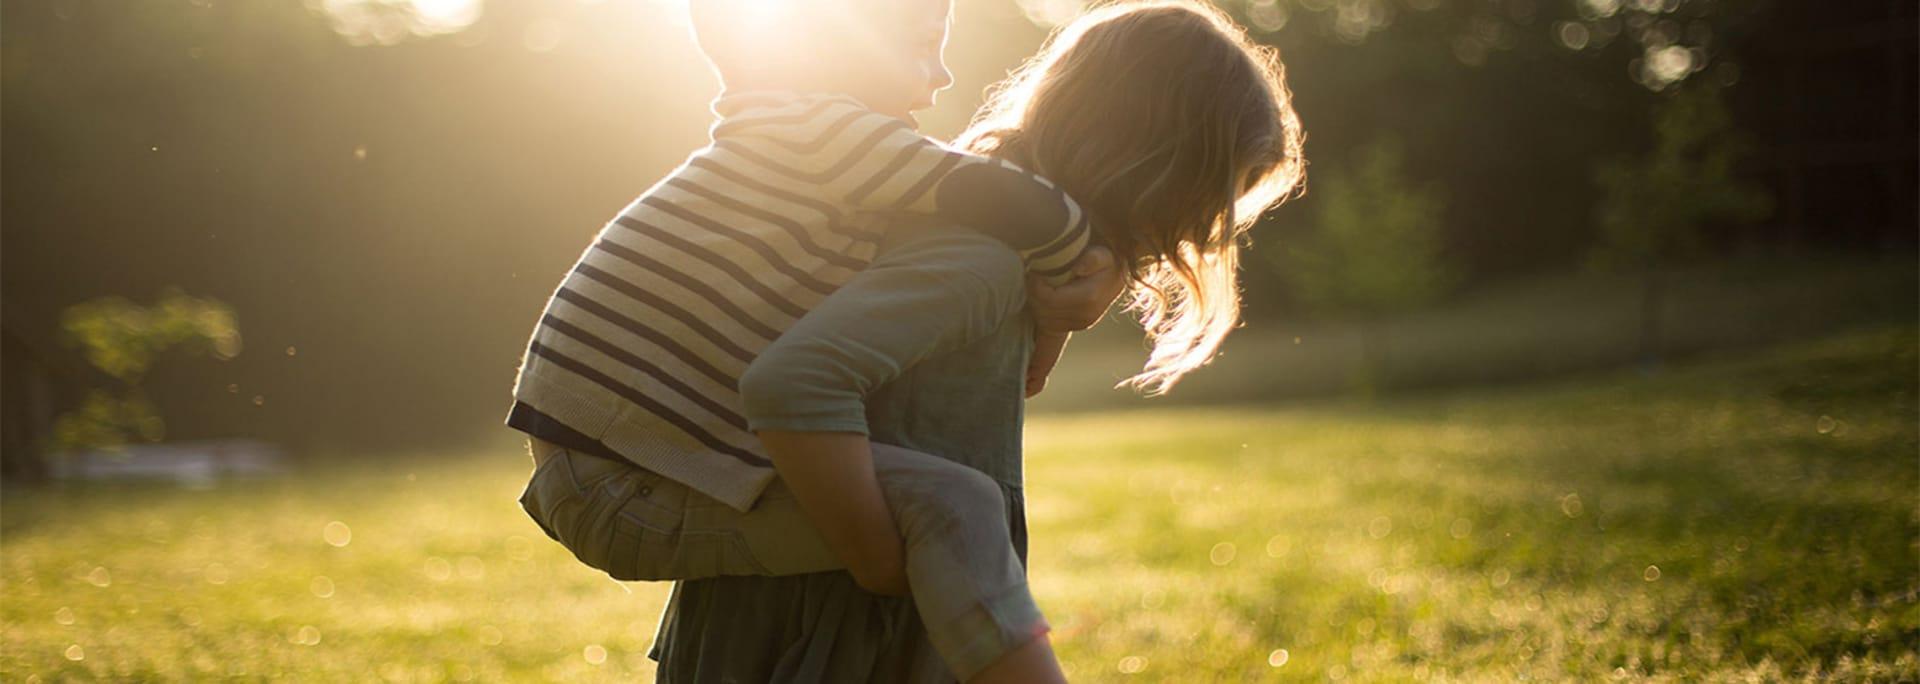 Två barn leker på äng en sen sommardag